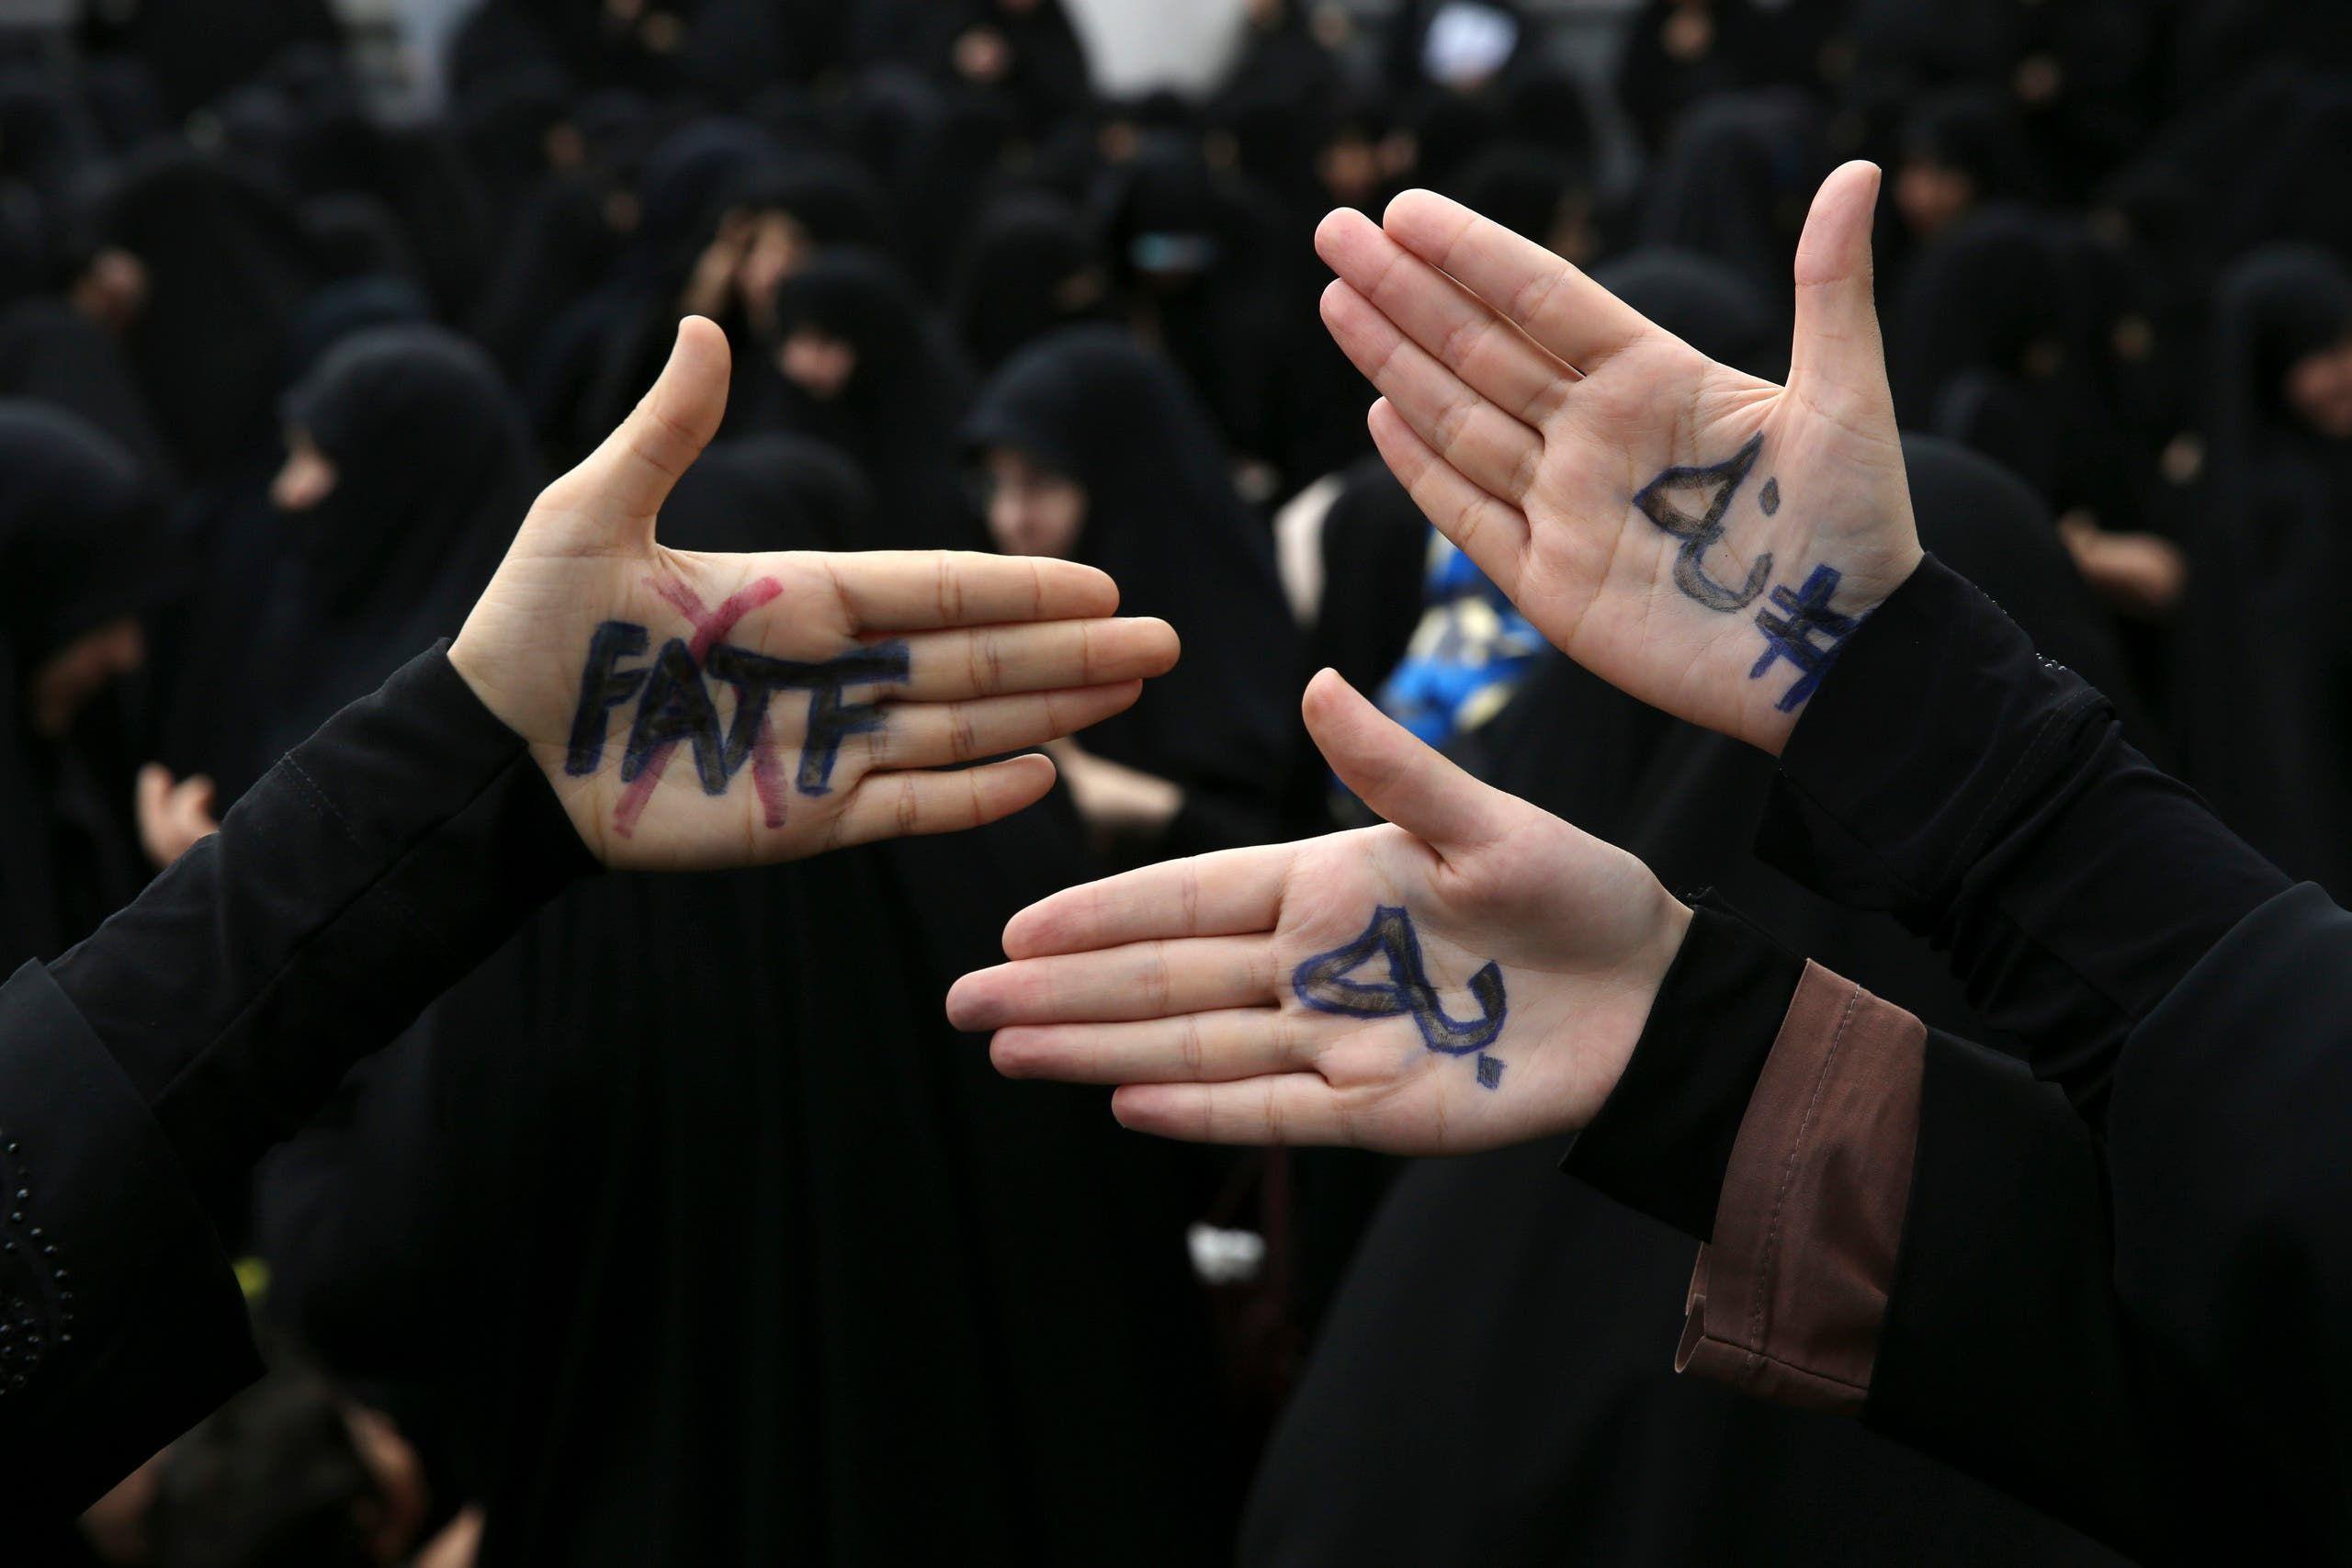 متشددون إيرانيون يعترضون على المصادقة على اتفاقيات FATF